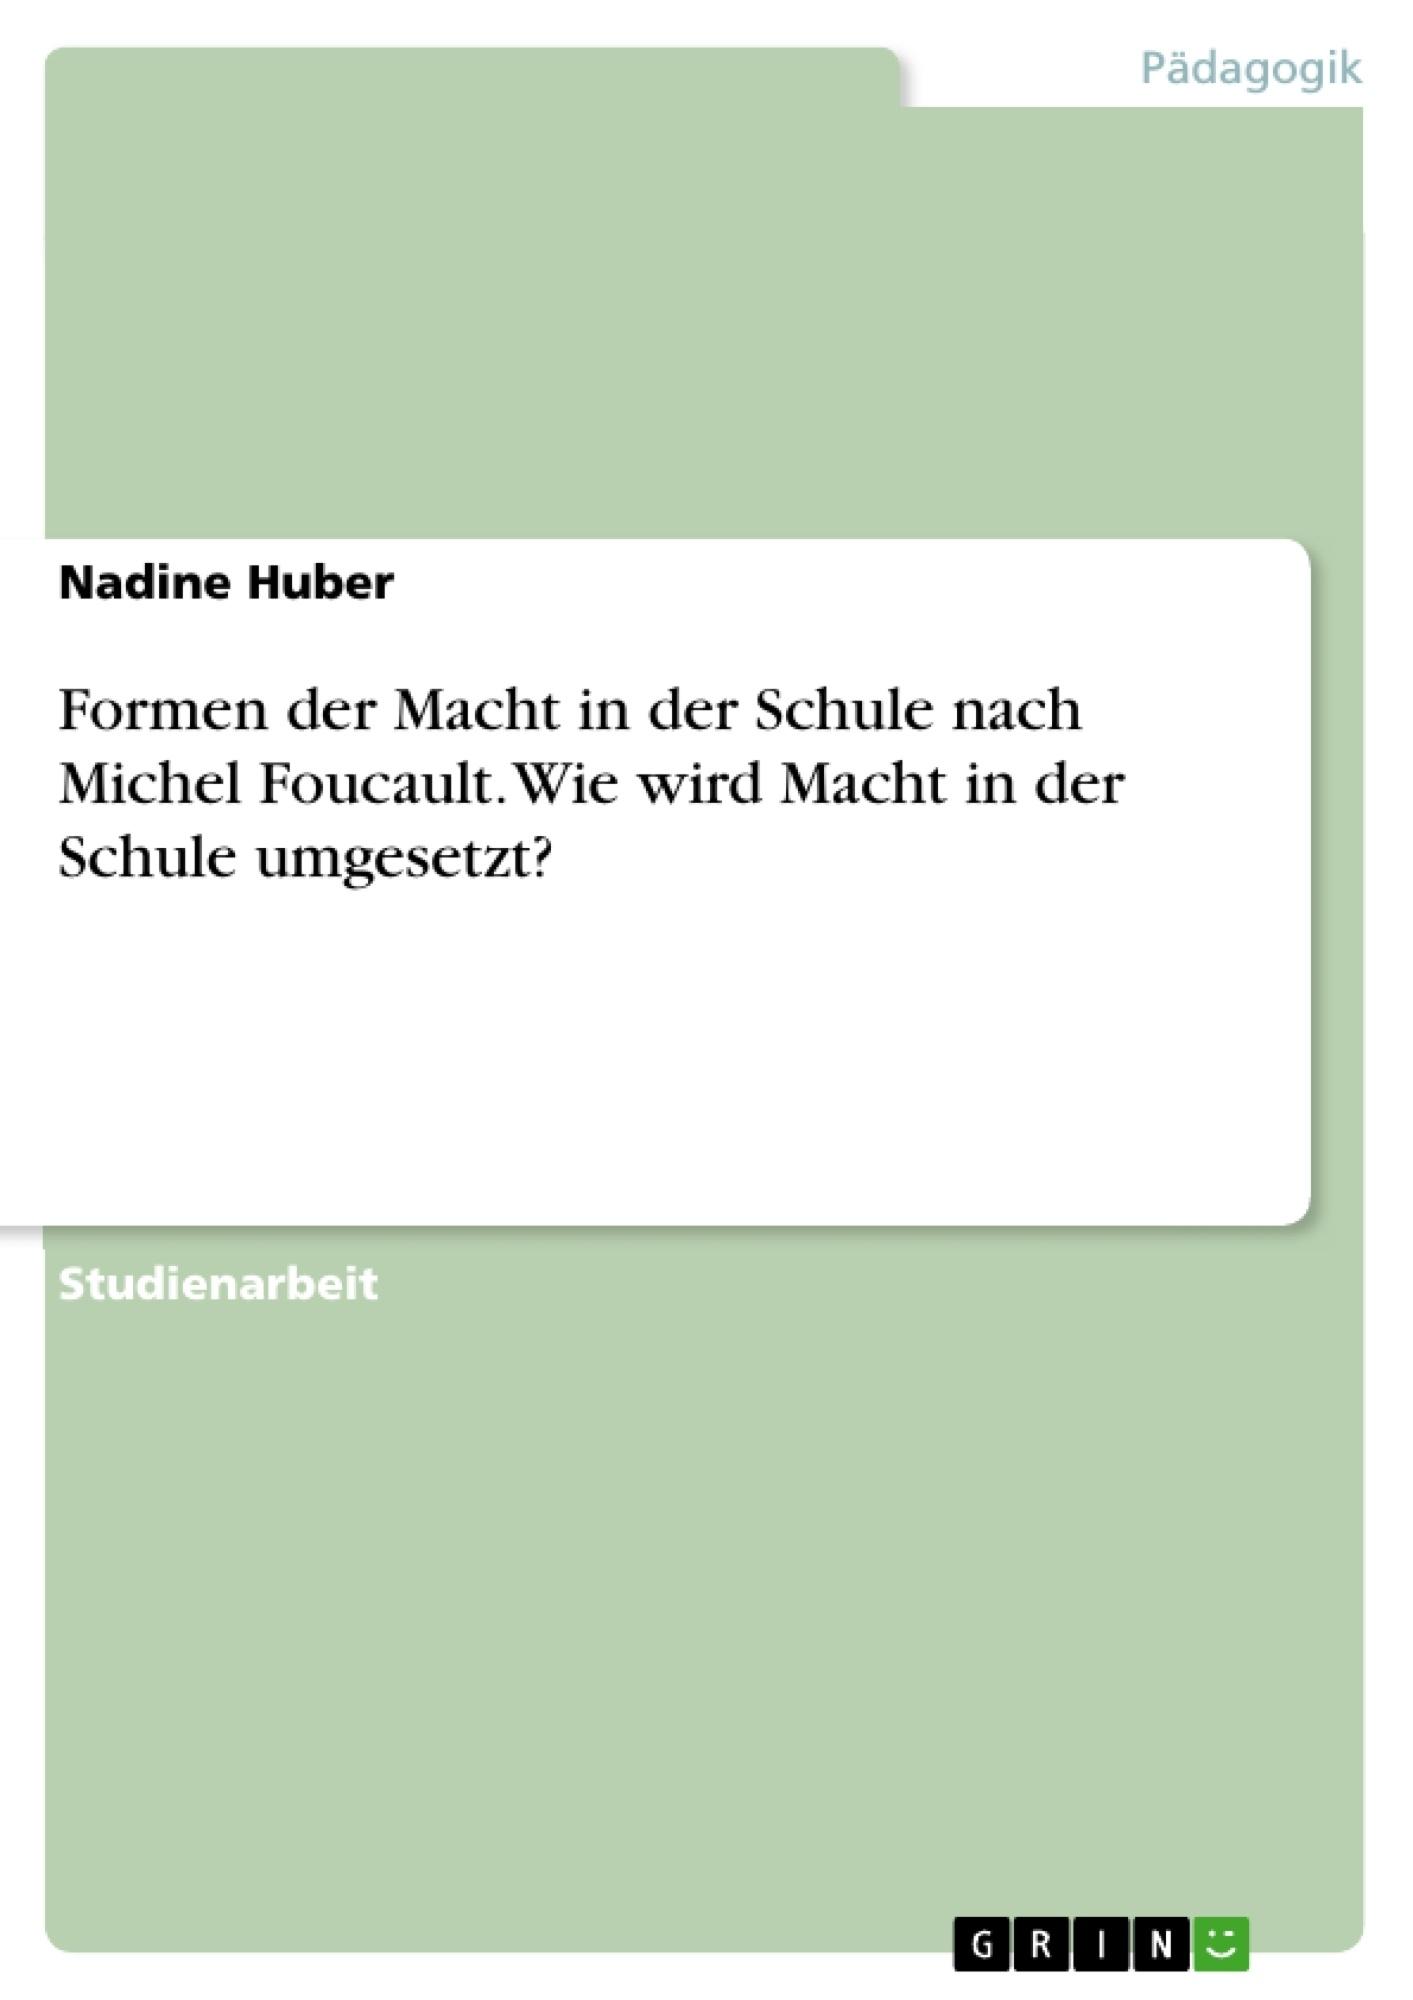 Titel: Formen der Macht in der Schule nach Michel Foucault. Wie wird Macht in der Schule umgesetzt?